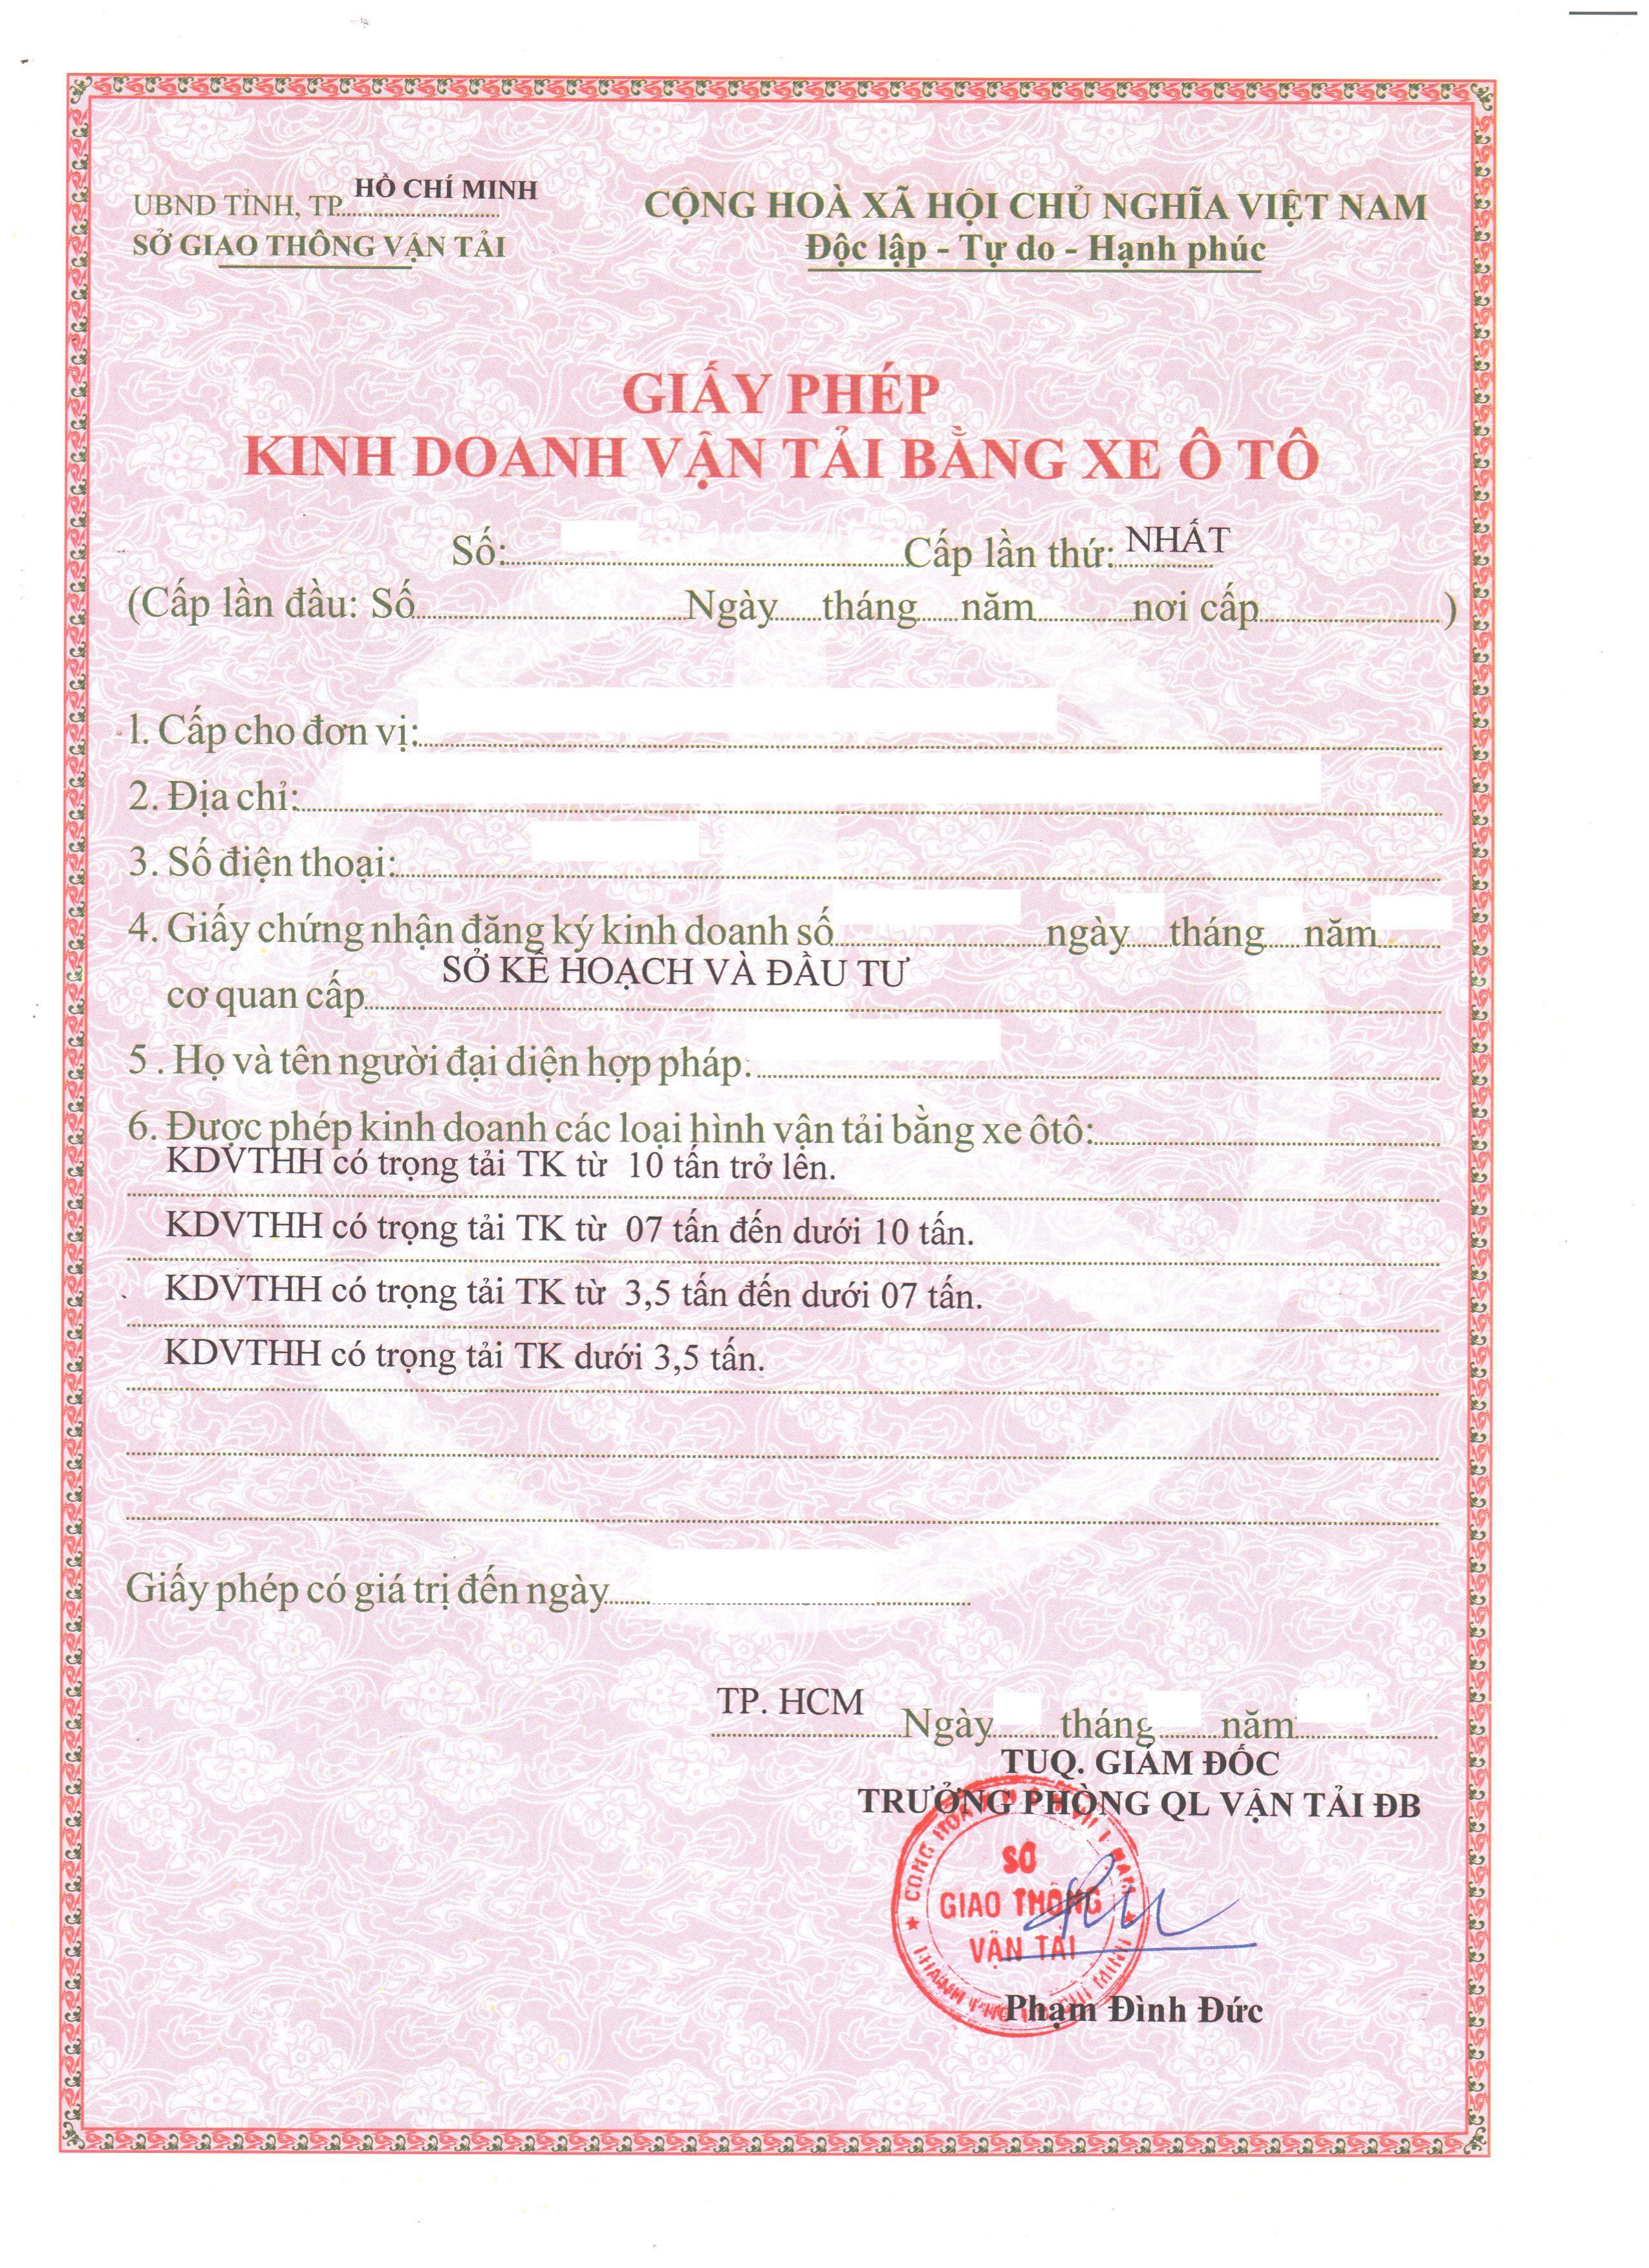 Thủ tục cấp giấy phép vận tải